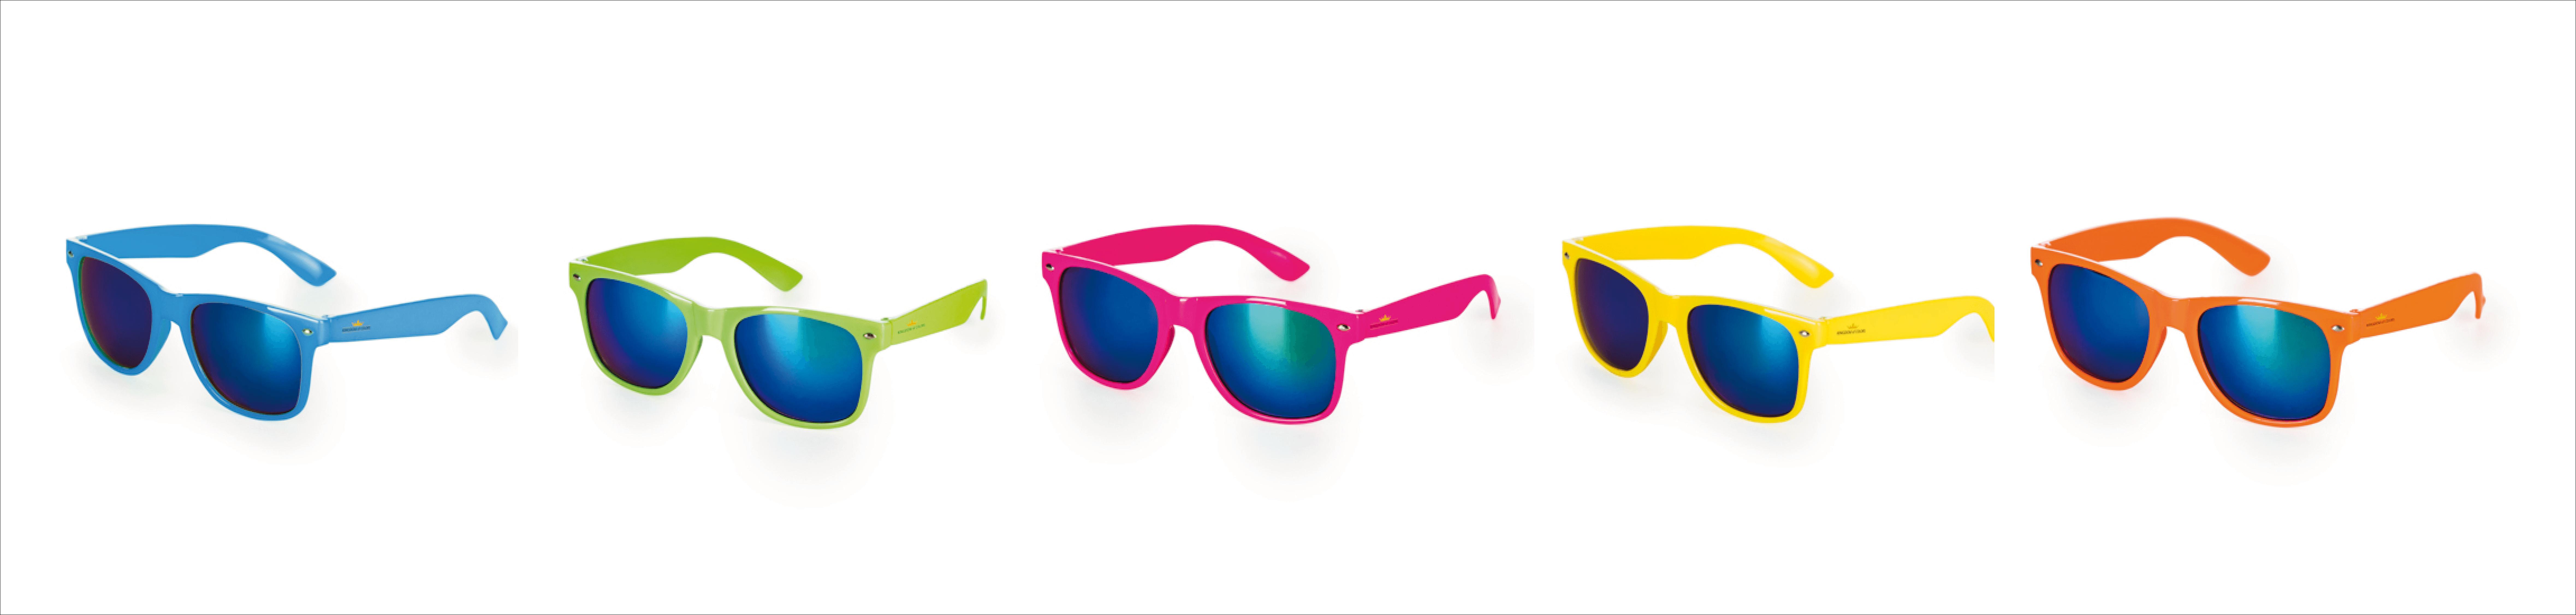 colour run sunglasses